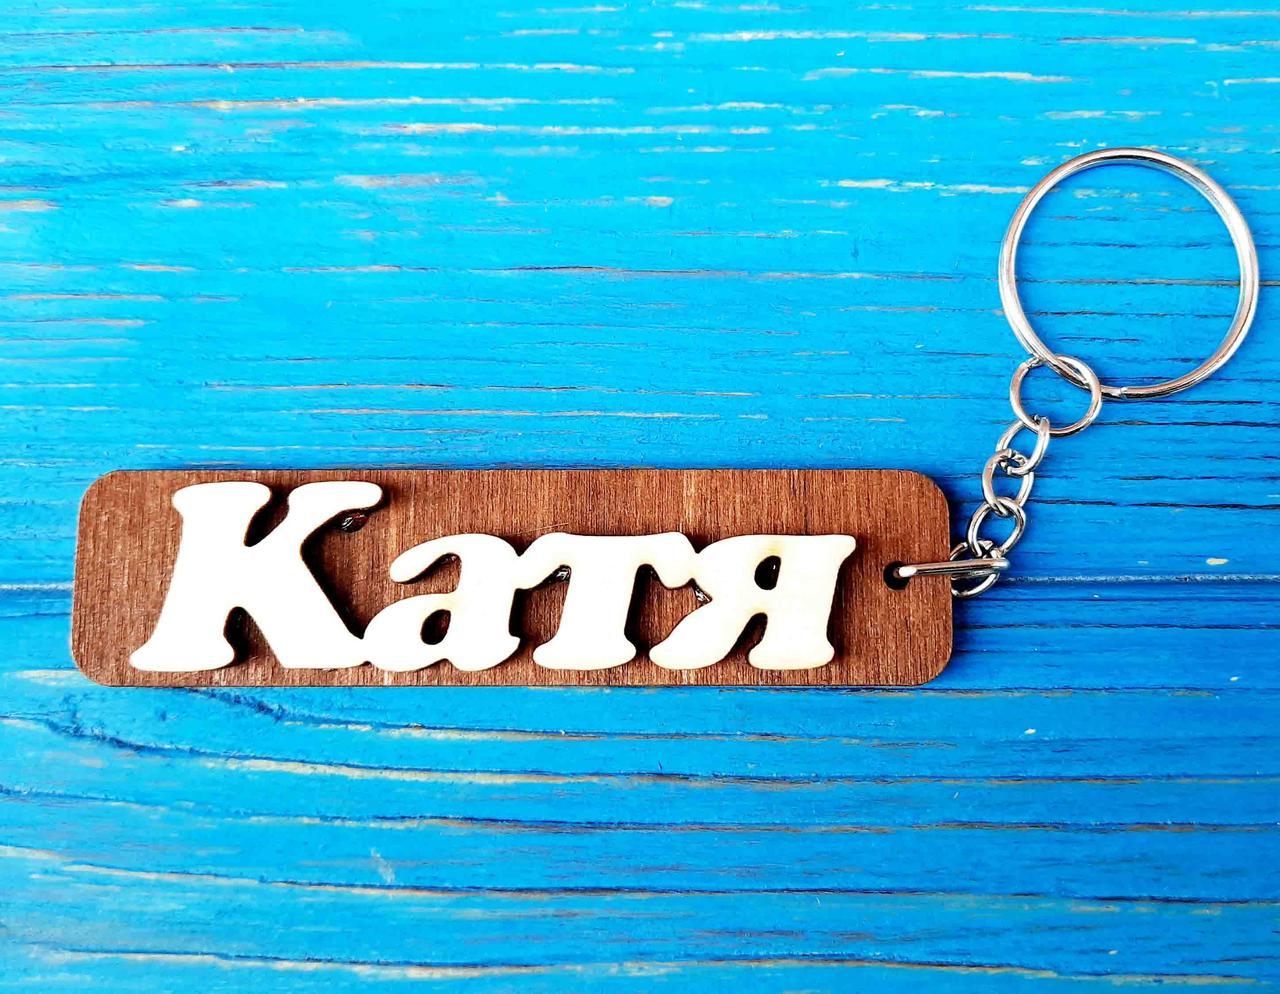 Брелок іменний Катя. Брелок з ім'ям Катя. Брелок дерев'яний. Брелок для ключів. Брелоки з іменами